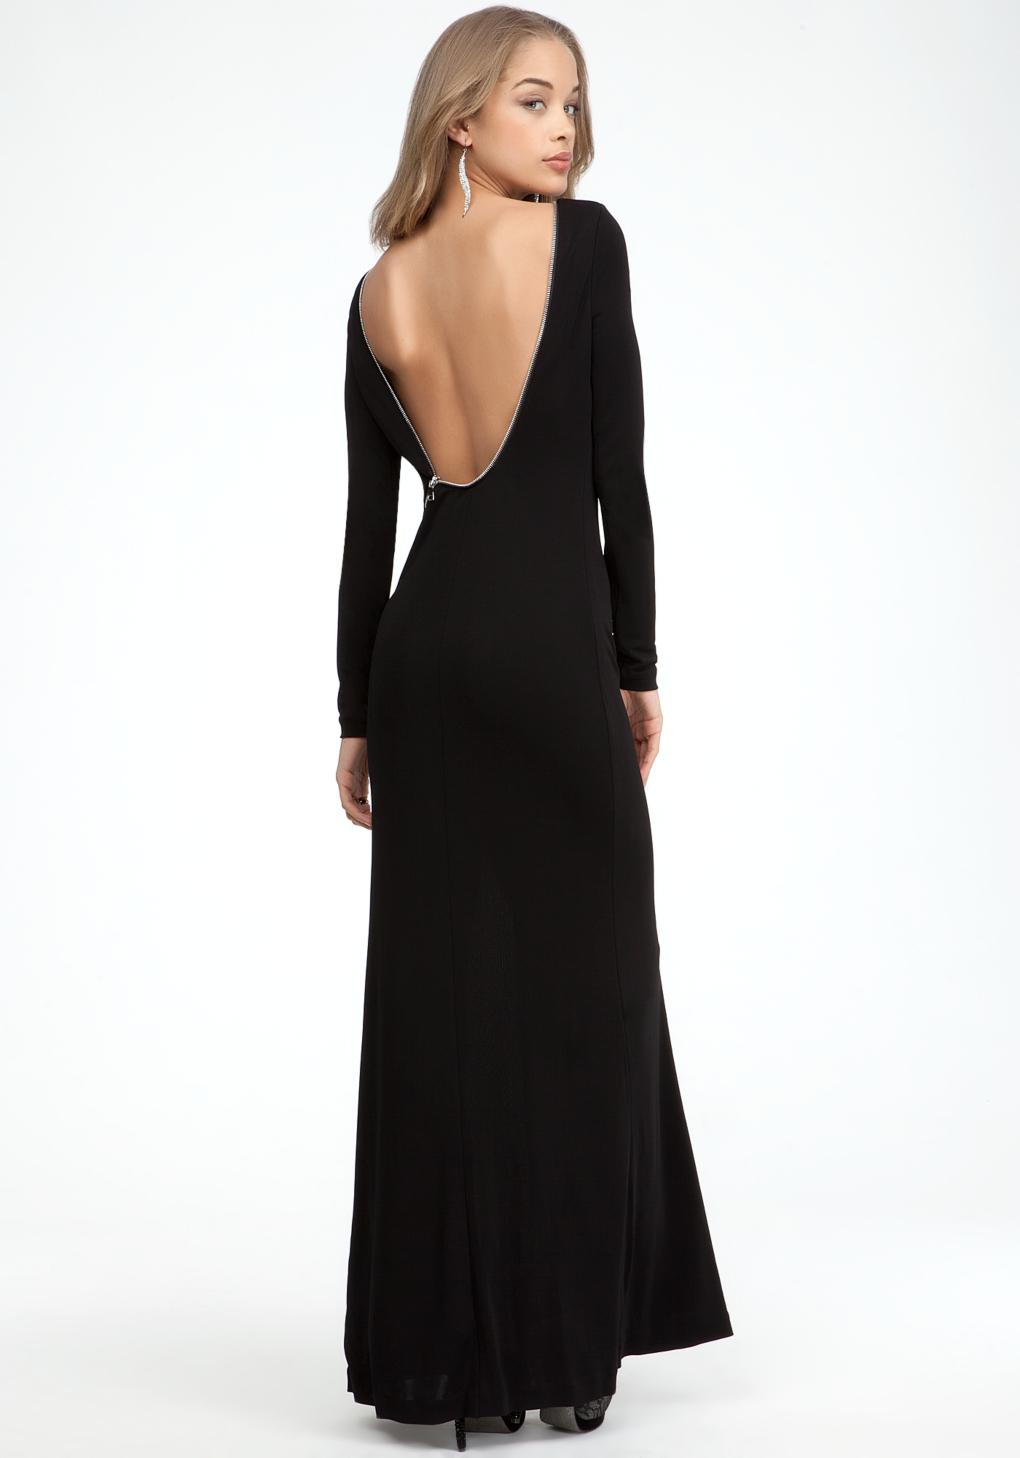 Bebe Full Length Zipper Back Dress In Black Lyst